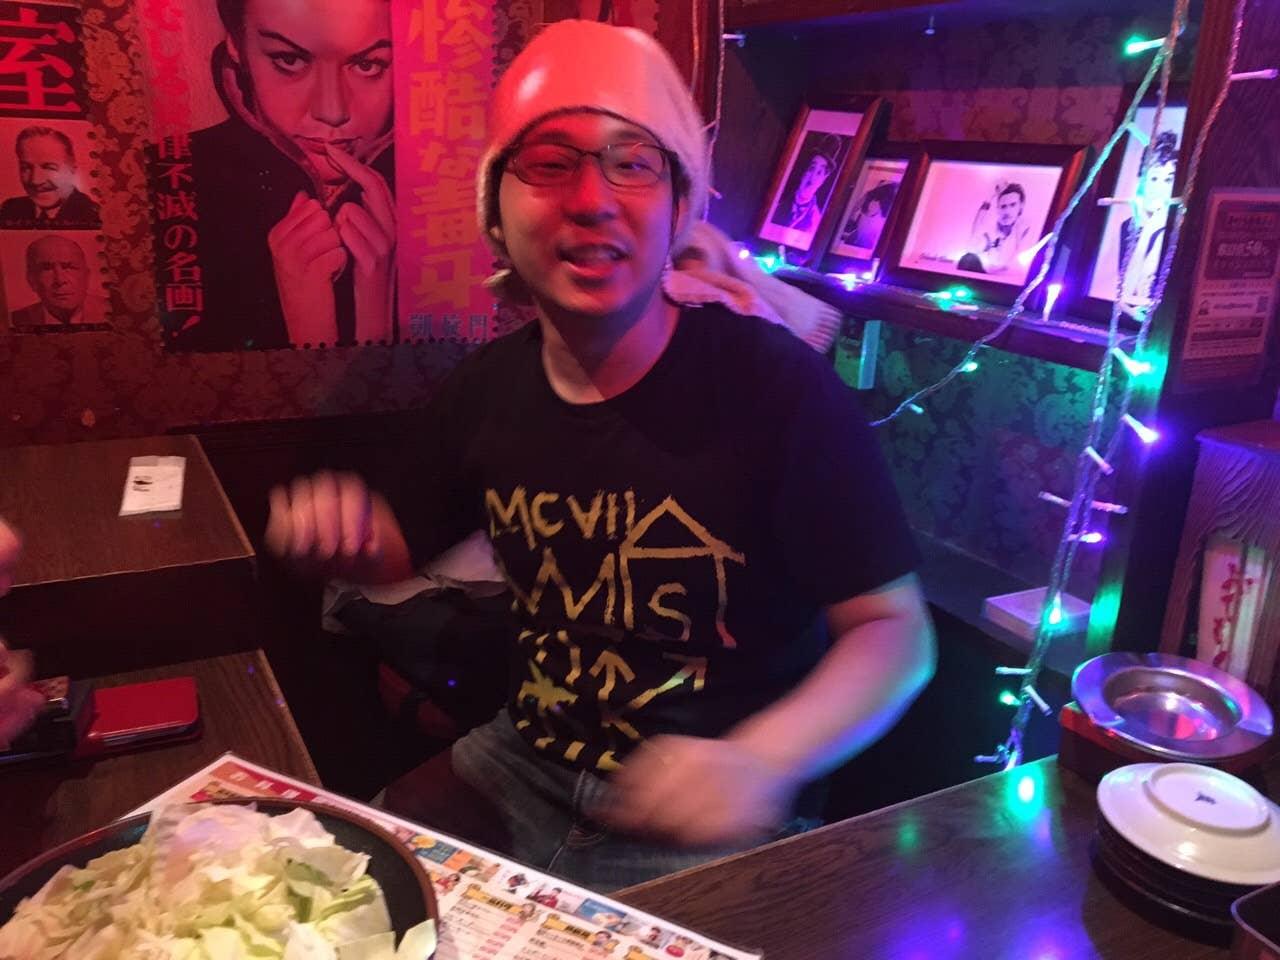 Ryouhei Michishita